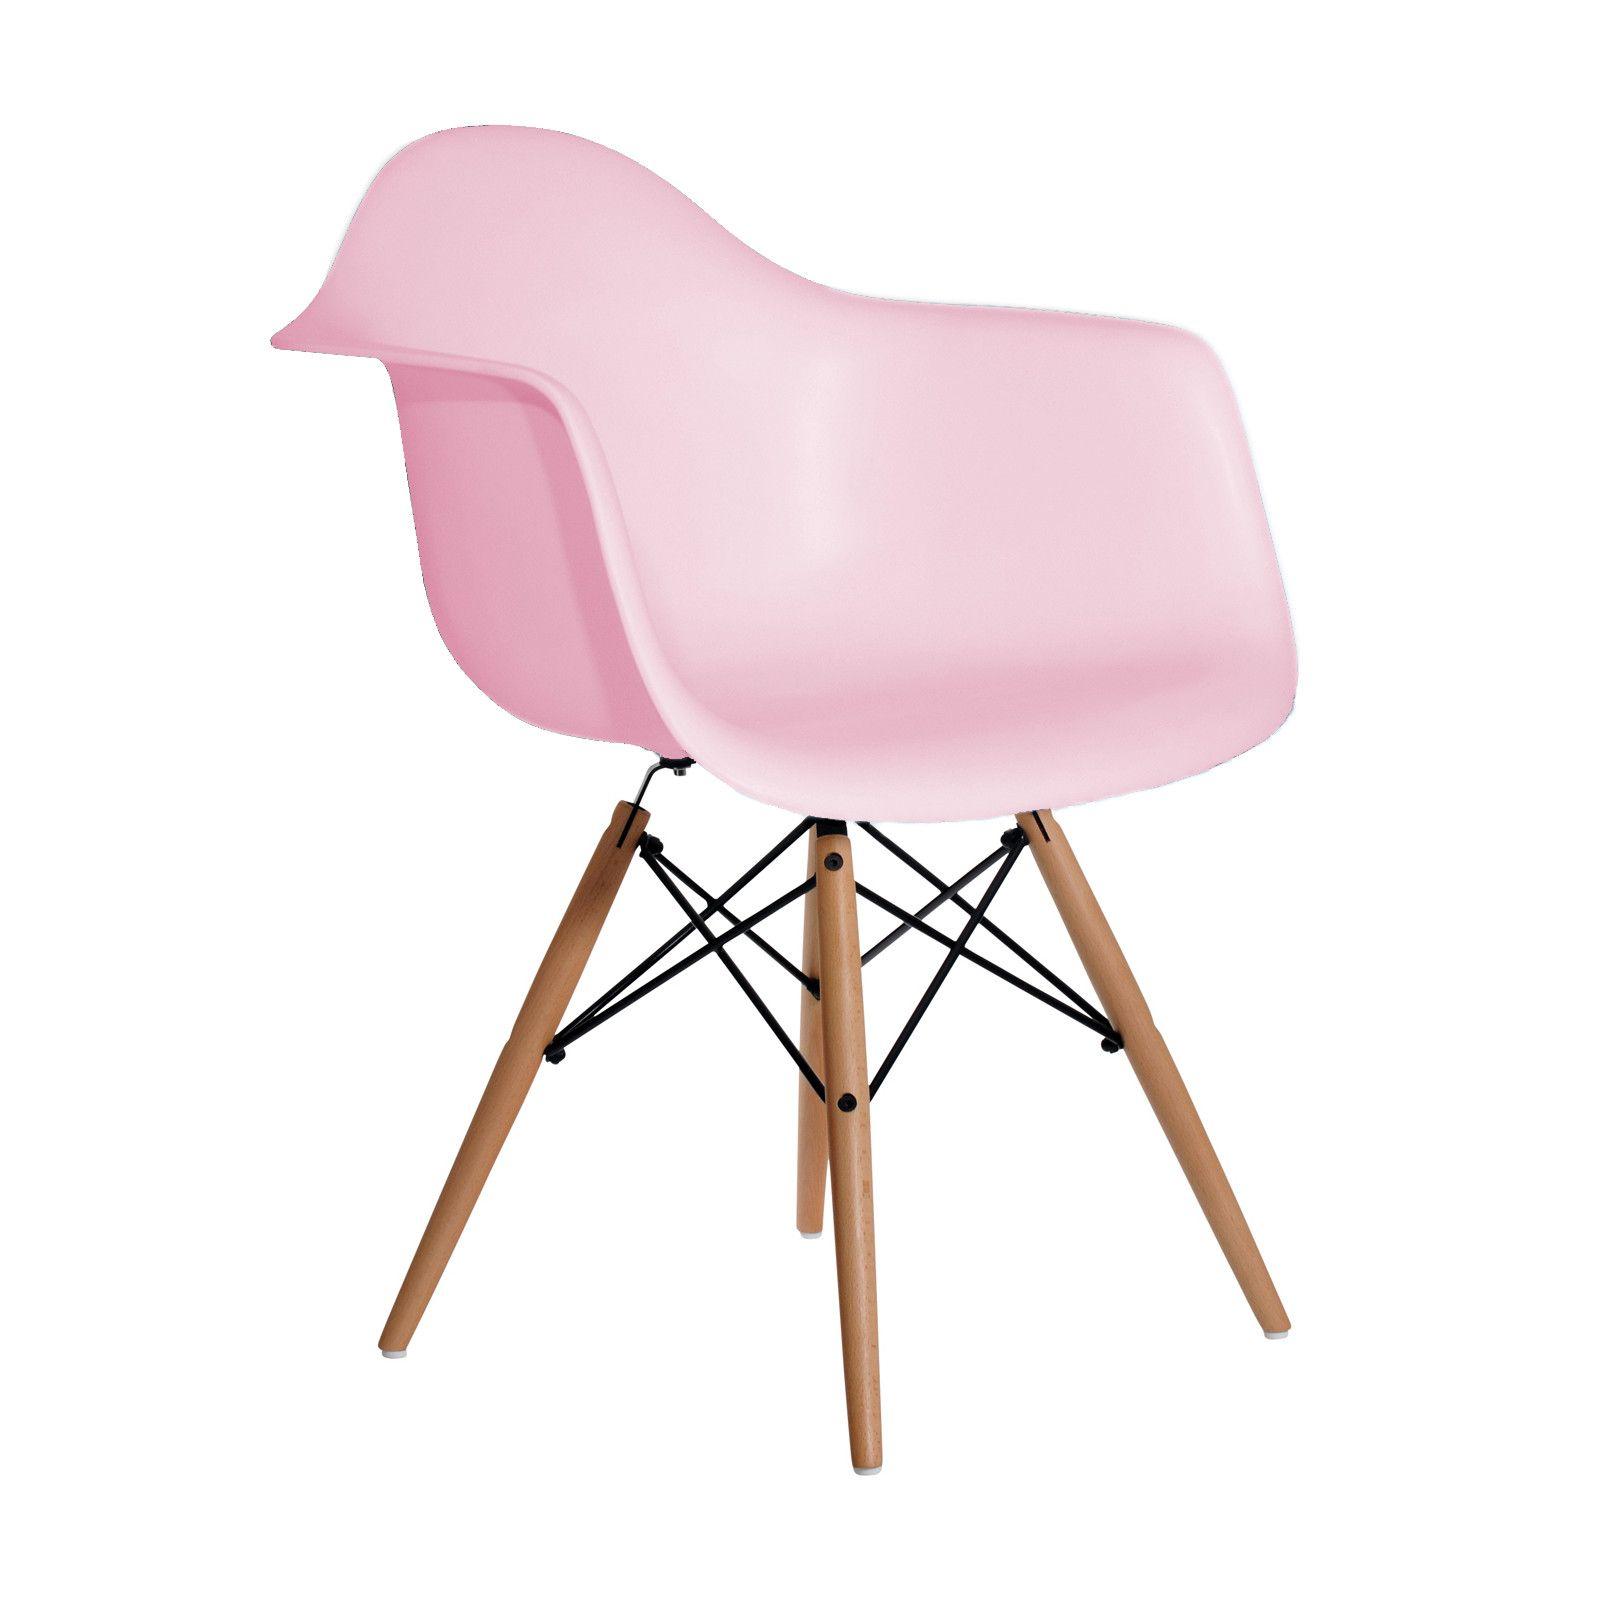 Der Stuhl ZOE Ist Eines Der Populärsten Design Modelle Der Avantgarde Aus  Dem Vergangenen Jahrhundert. Stil, Eleganz Und Gemütlichkeit Vereint, ...